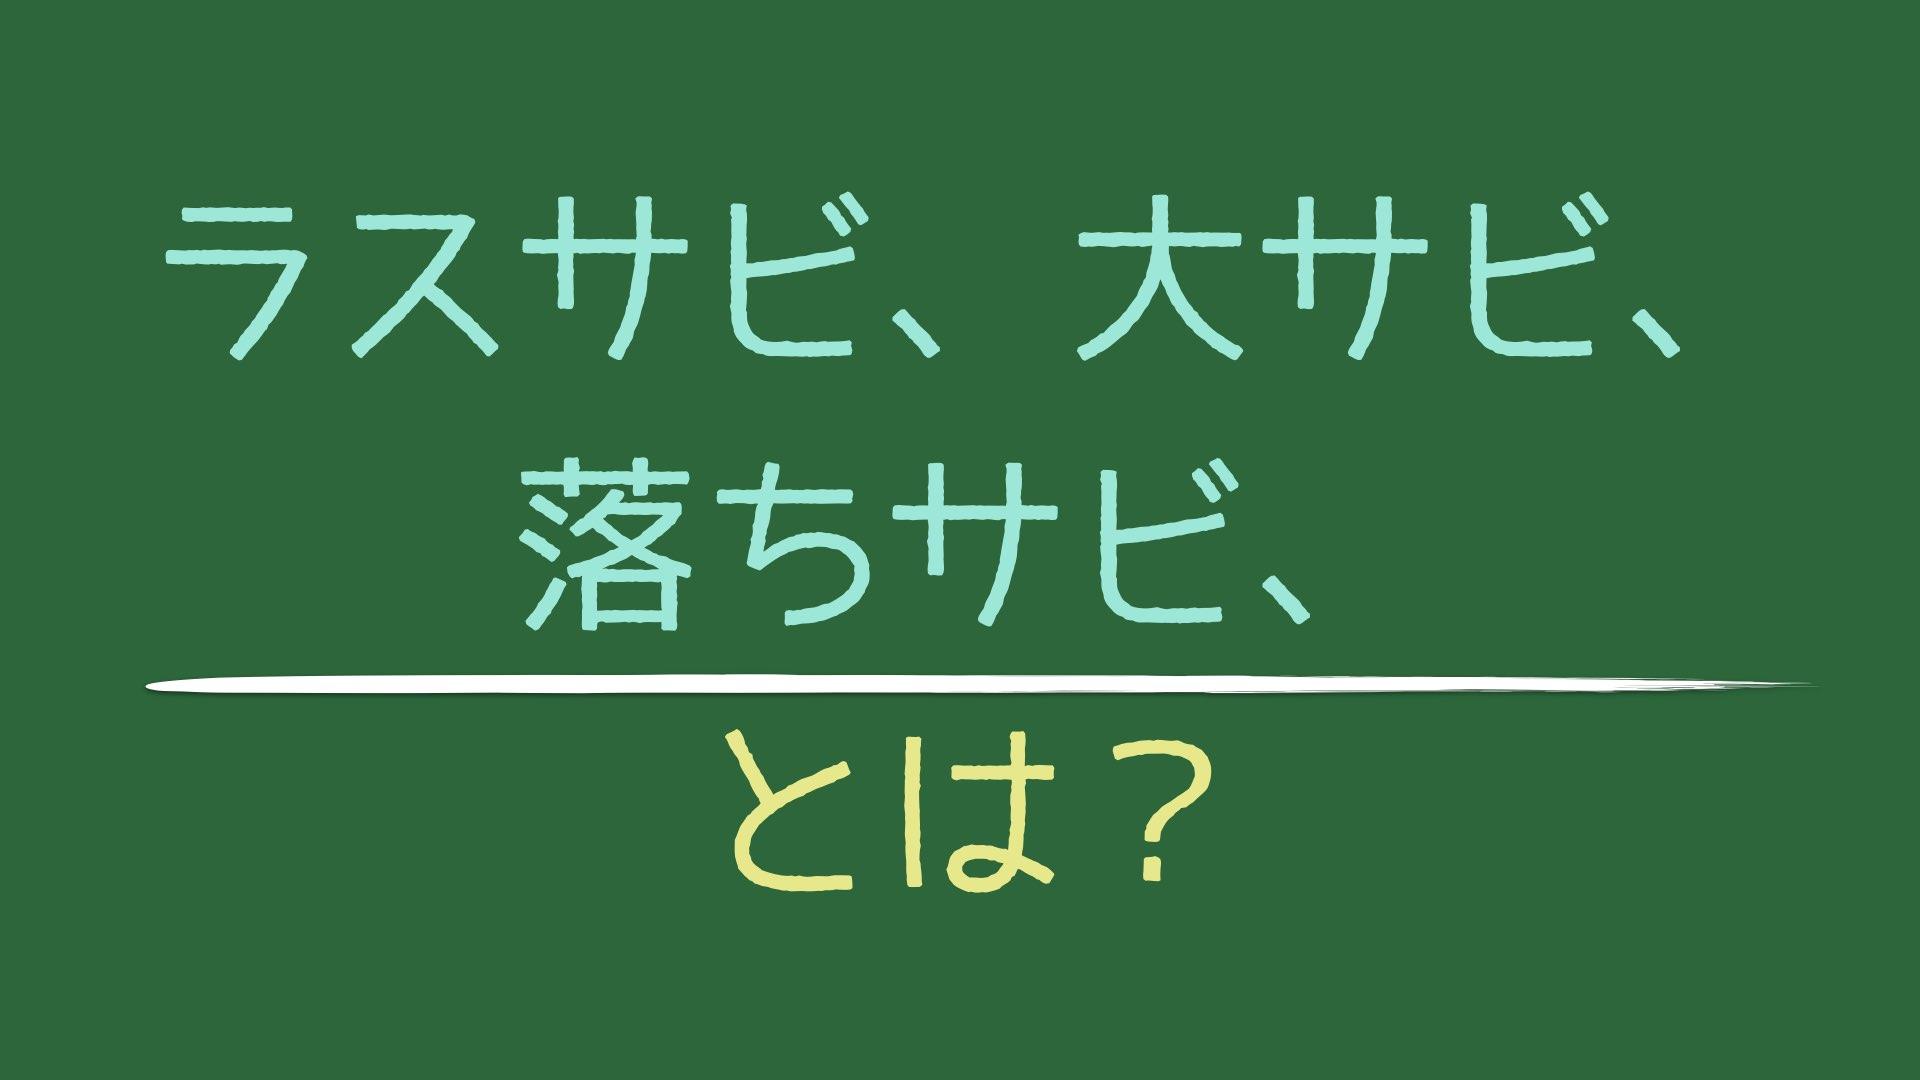 コーラス 意味 ワン 日本だけ特殊? 曲のセクションの呼び方について